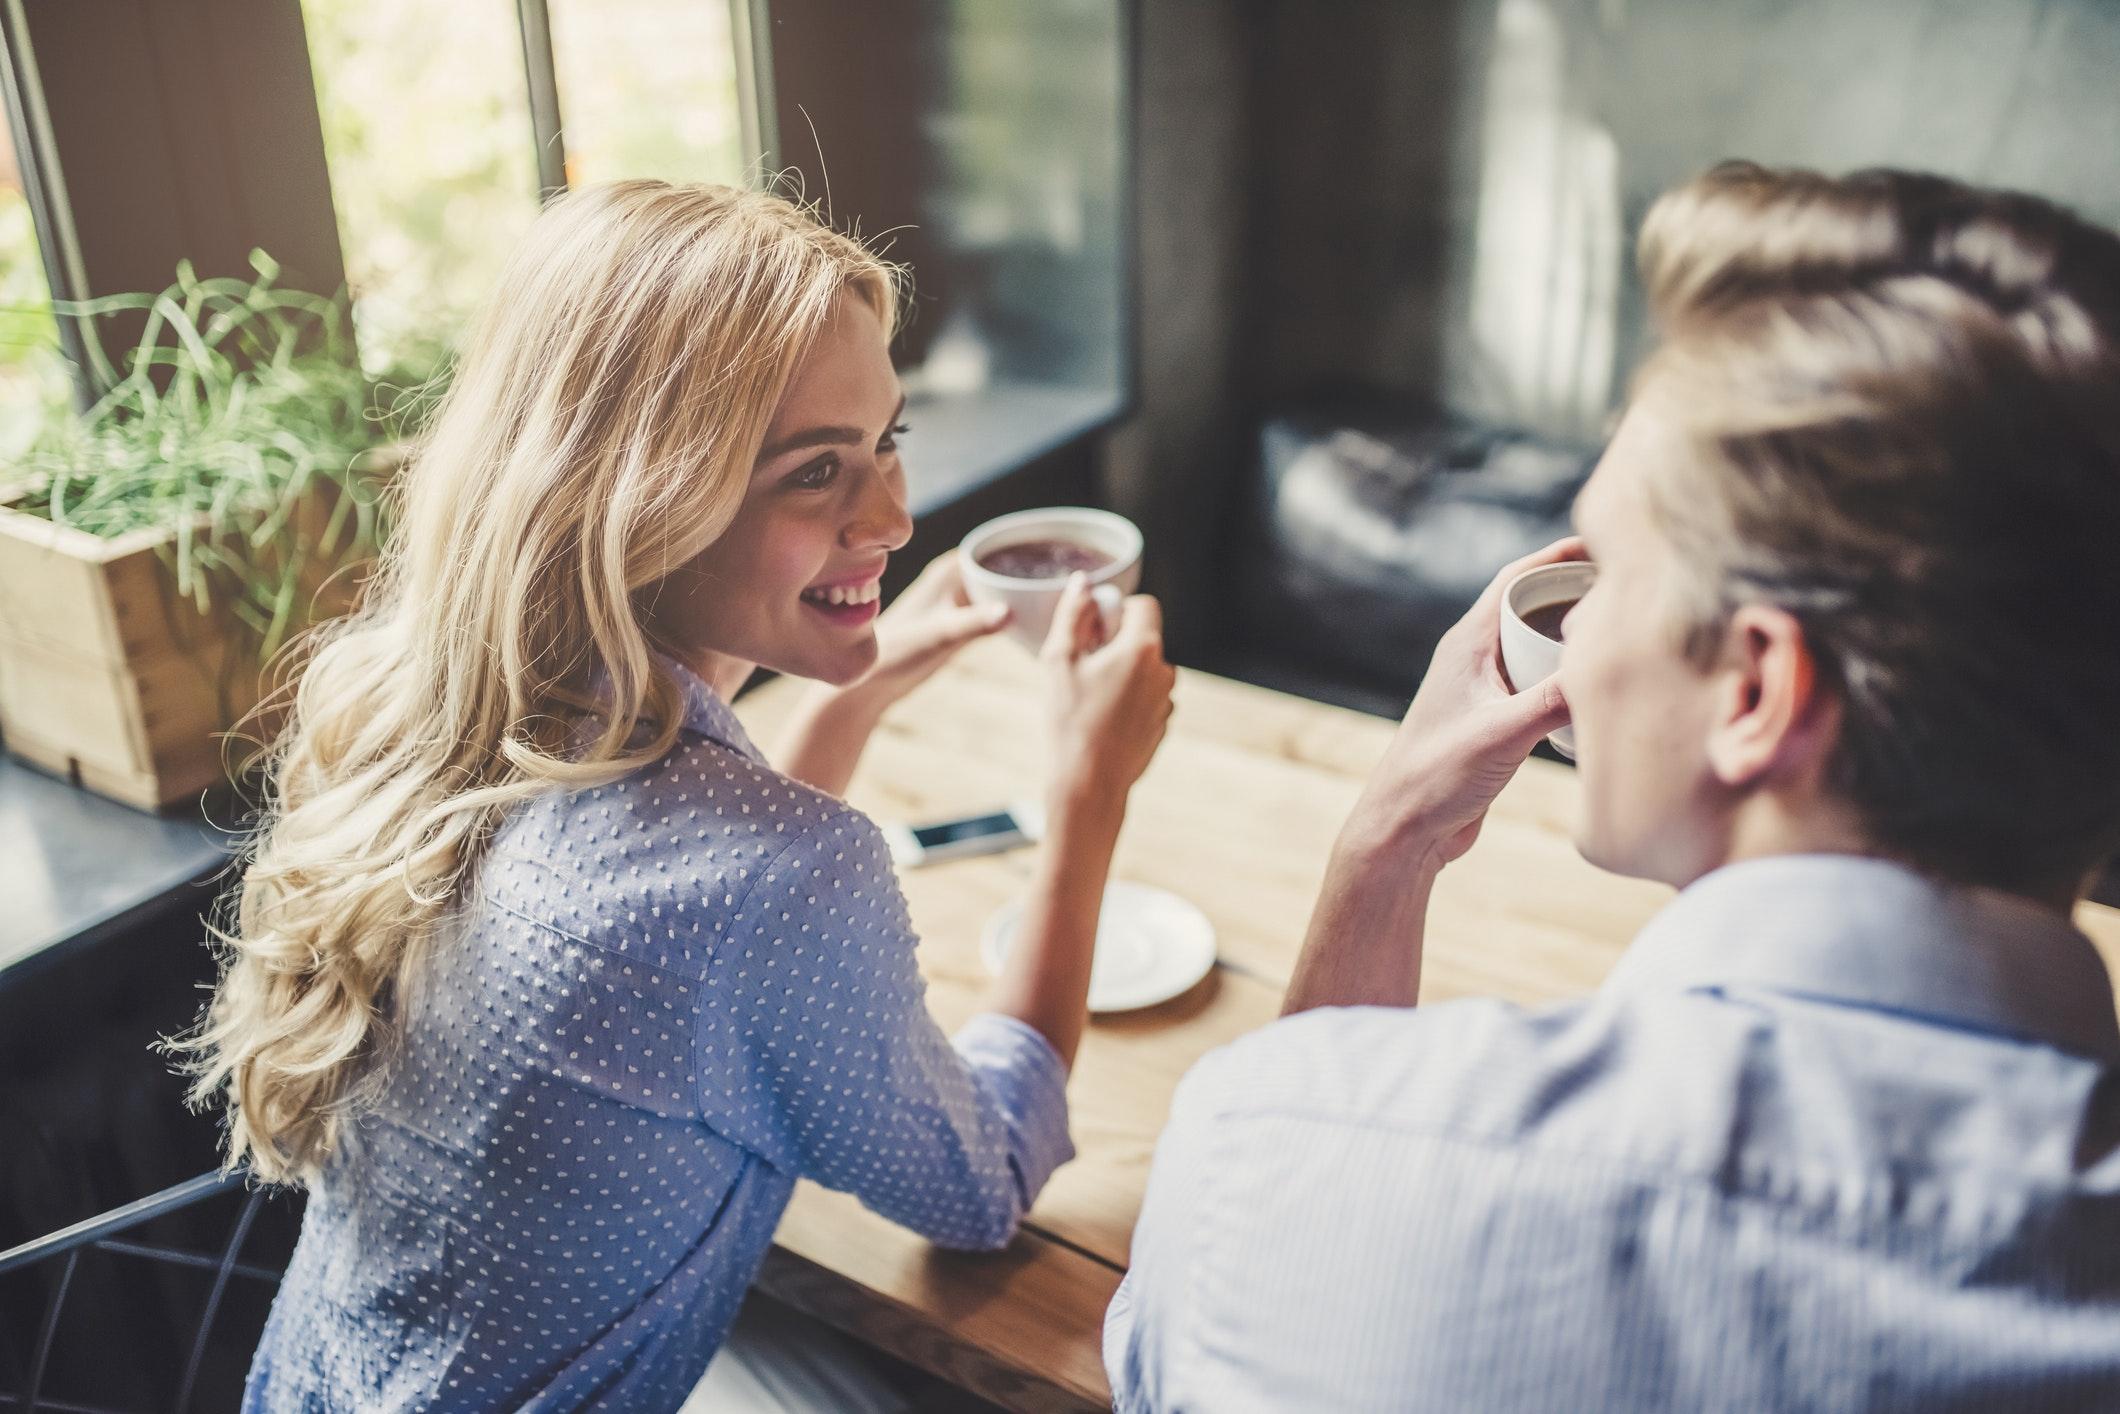 modne kvinder på nett dating program aalborg